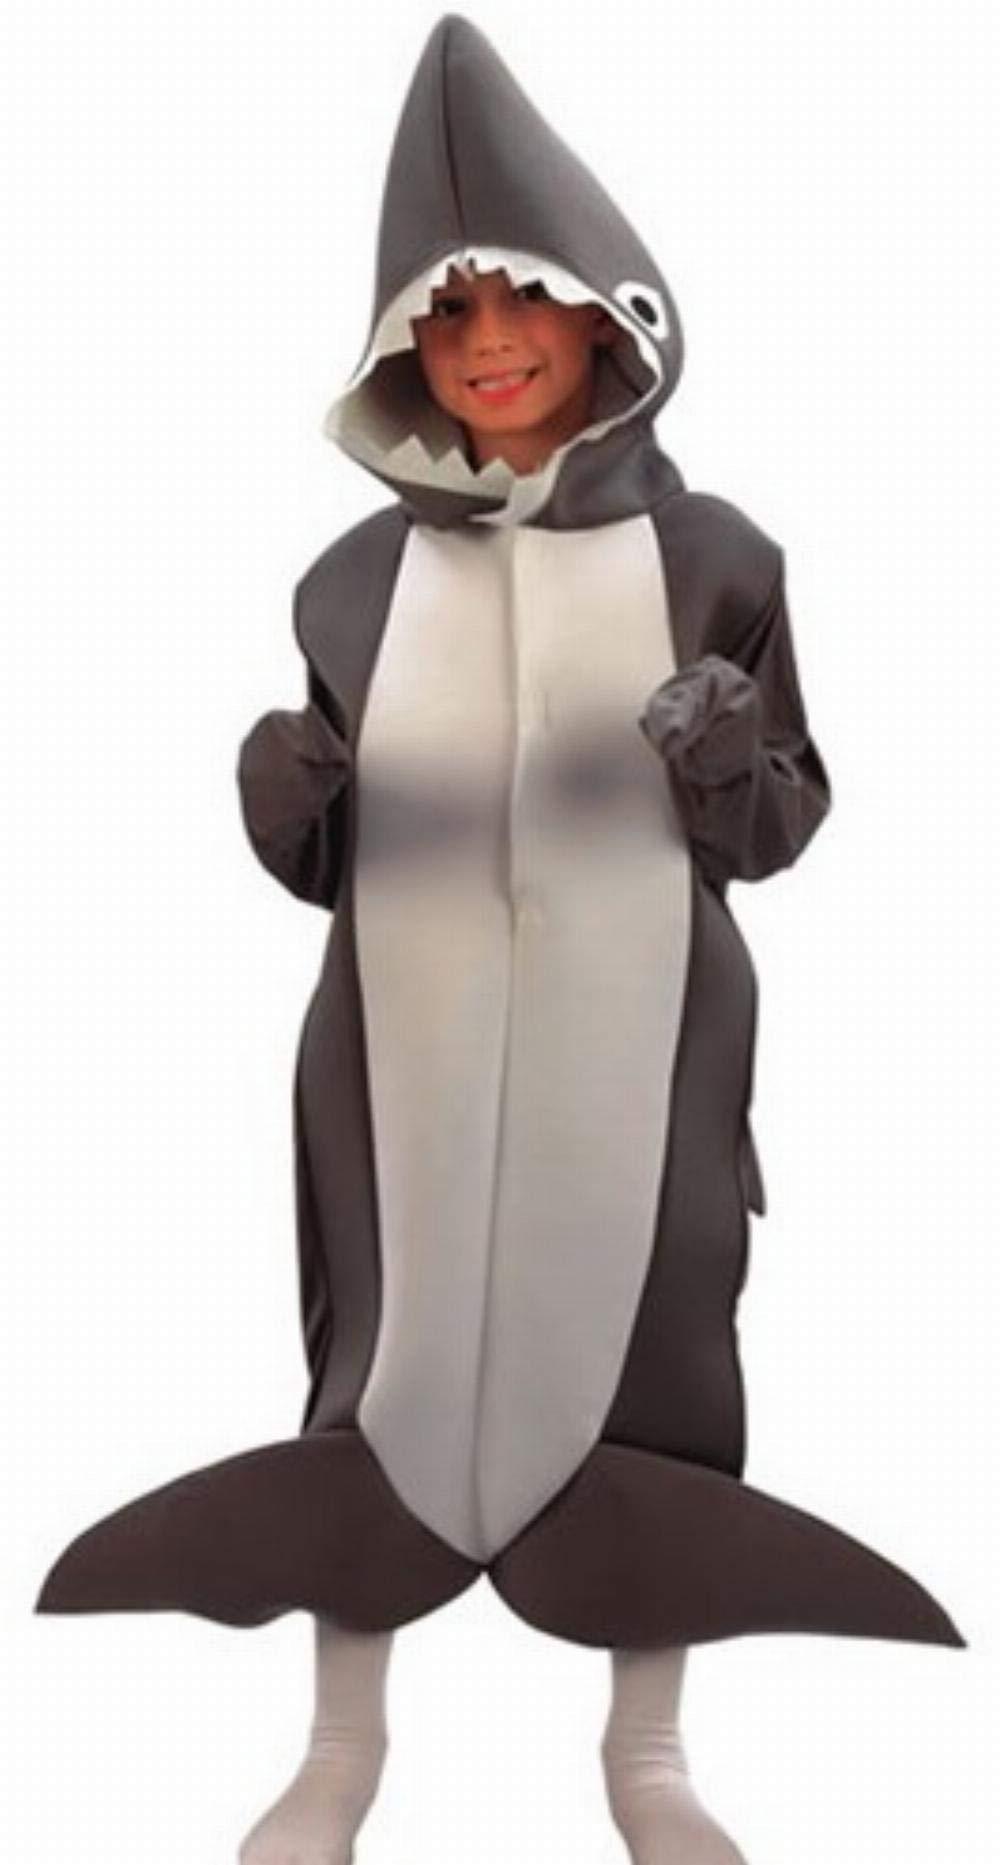 Disfraz de tiburón para niño - 4 - 6 años: Amazon.es: Juguetes y ...